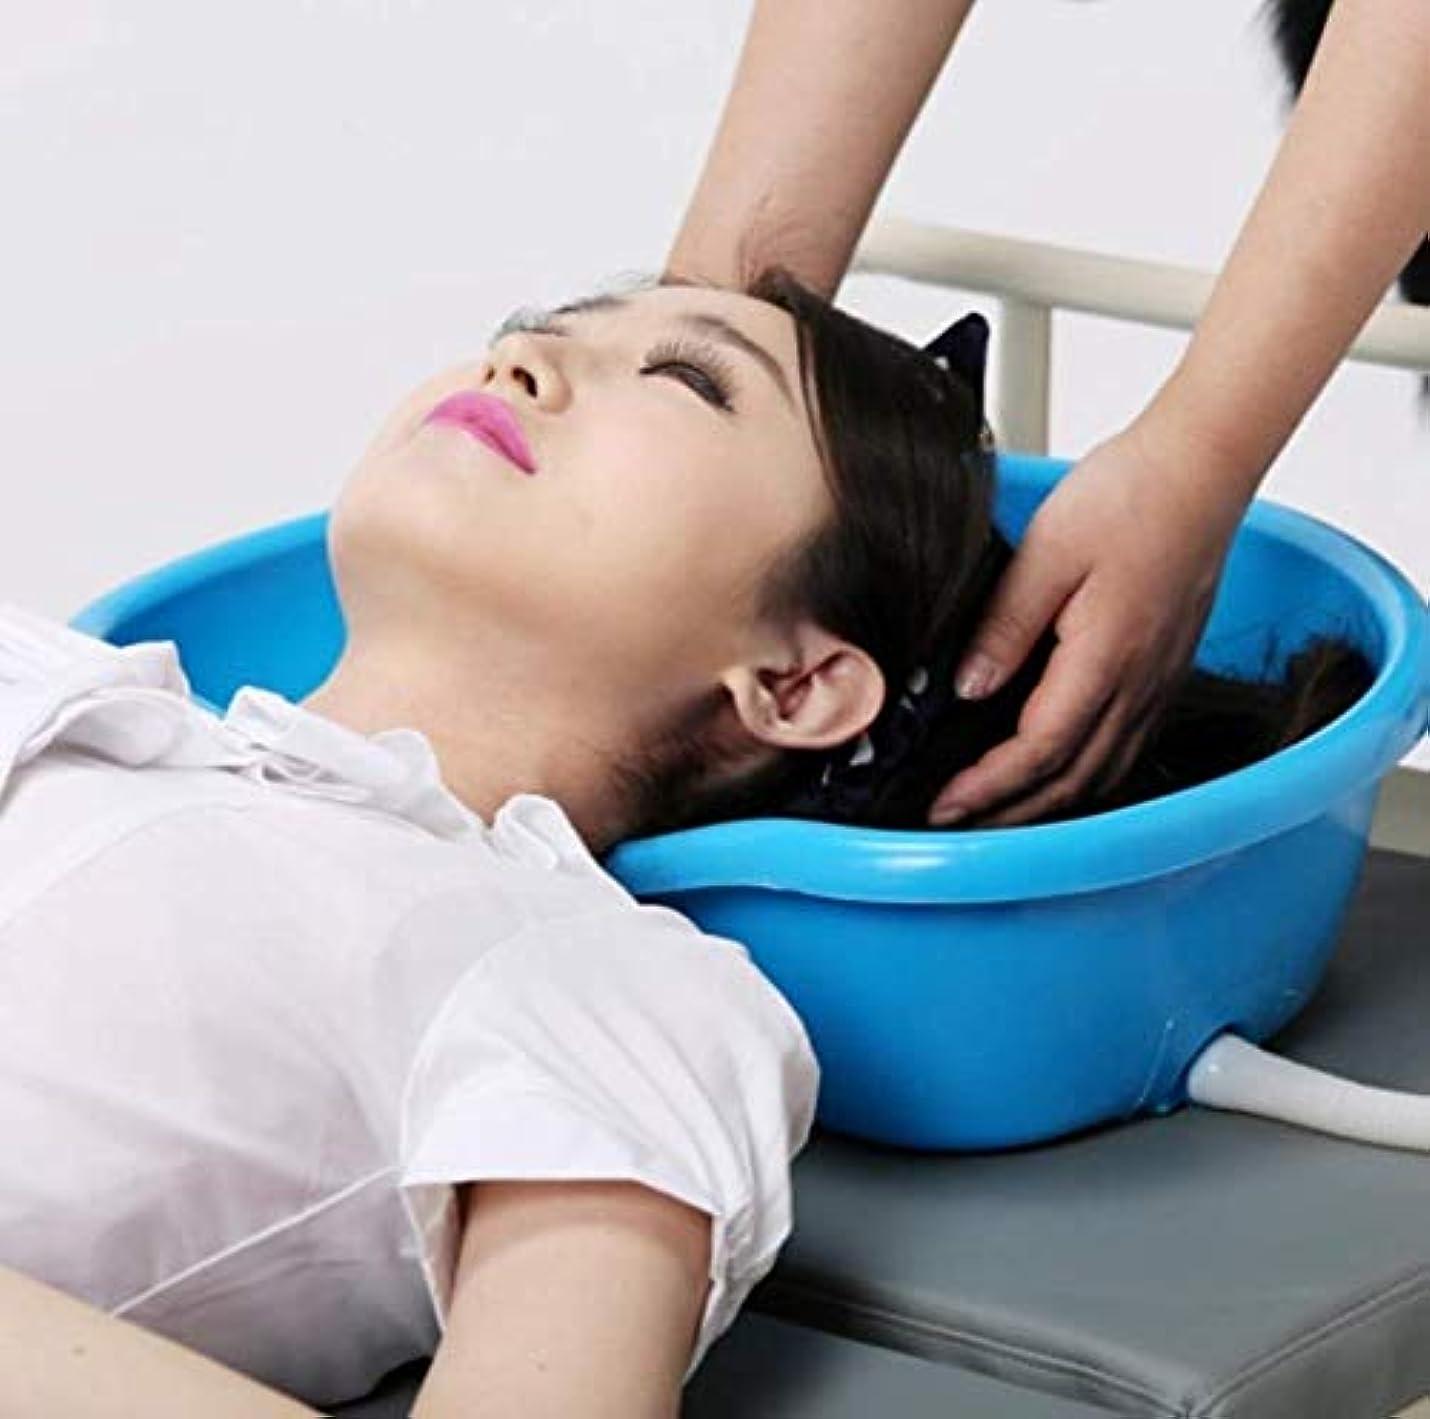 韓国語左ブレンドベッドシャンプー洗面器、医療用髪洗面器プラスチック、障害者、ハンディキャップ、高齢者、患者寝たきり用の洗面器トレイを厚くする